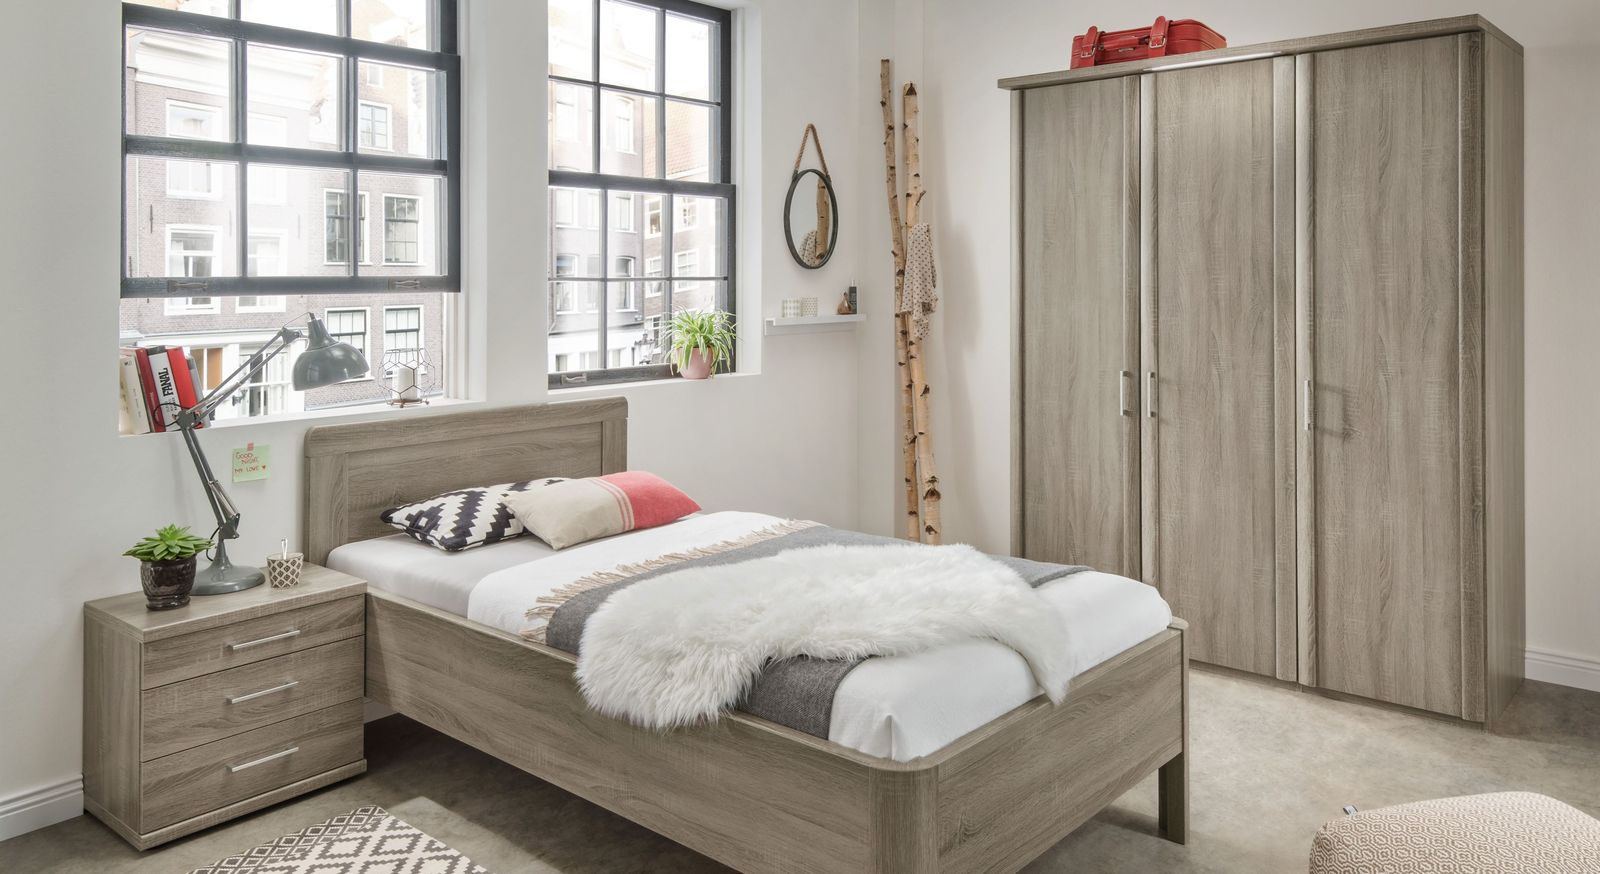 Full Size of Italienische Schlafzimmer Komplettangebote Poco Ikea Otto Komplett Einrichten Und Gestalten Bei Bettende Stuhl Sessel Günstig Deckenleuchte Günstige Schlafzimmer Schlafzimmer Komplettangebote